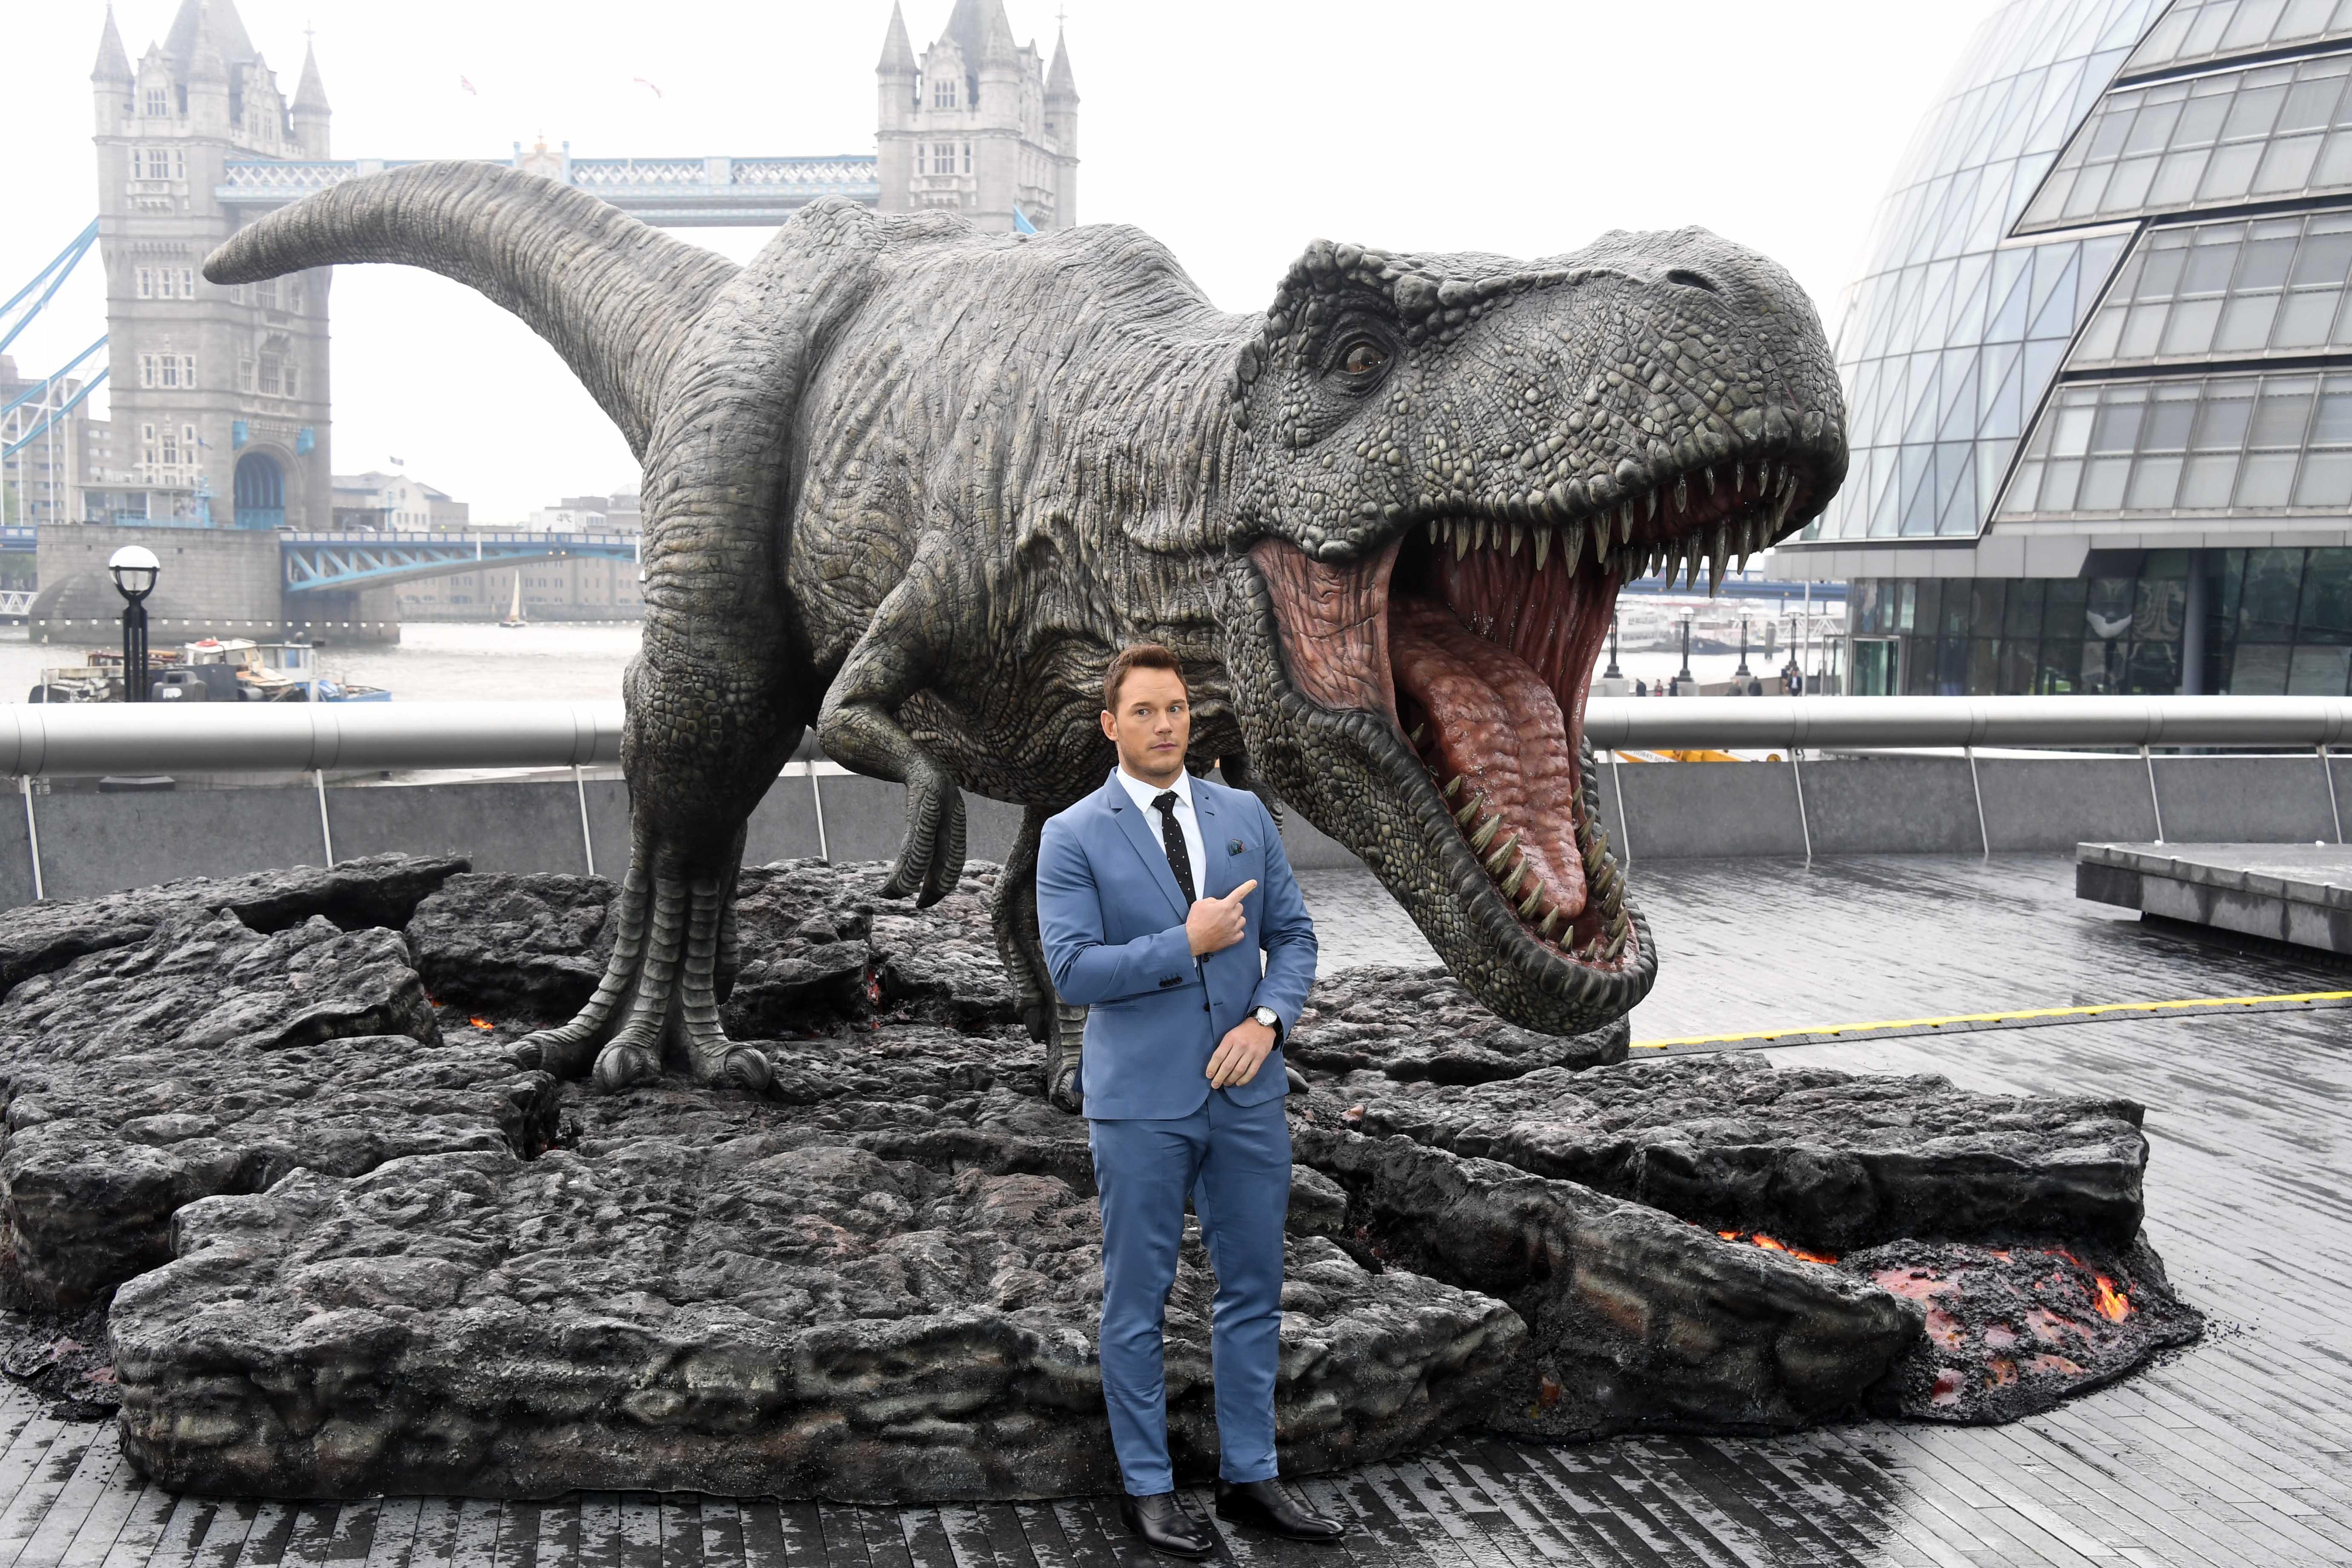 El actor Chris Pratt durante la presentación de su última pelícuklam 'Jurassic World: Fallen Kingdom' en Londres el 24 de mayo. (Crédito: Stuart C. Wilson/Getty Images)